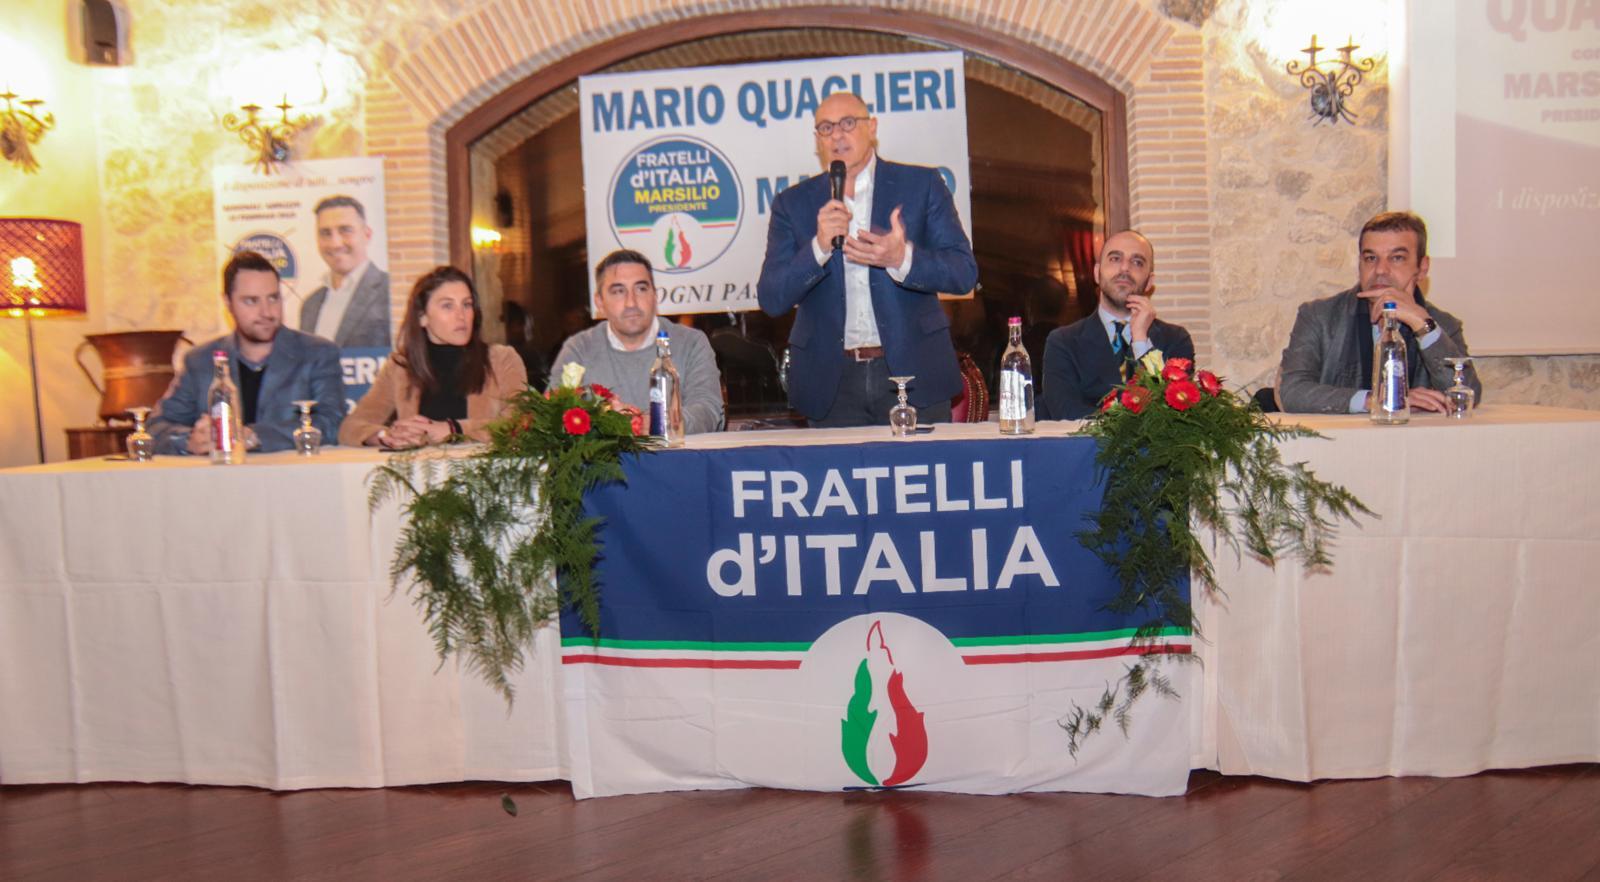 Il Vicepresidente della Camera dei Deputati, Fabio Rampelli in prima linea per il candidato di Fratelli d'Italia Mario Quaglieri